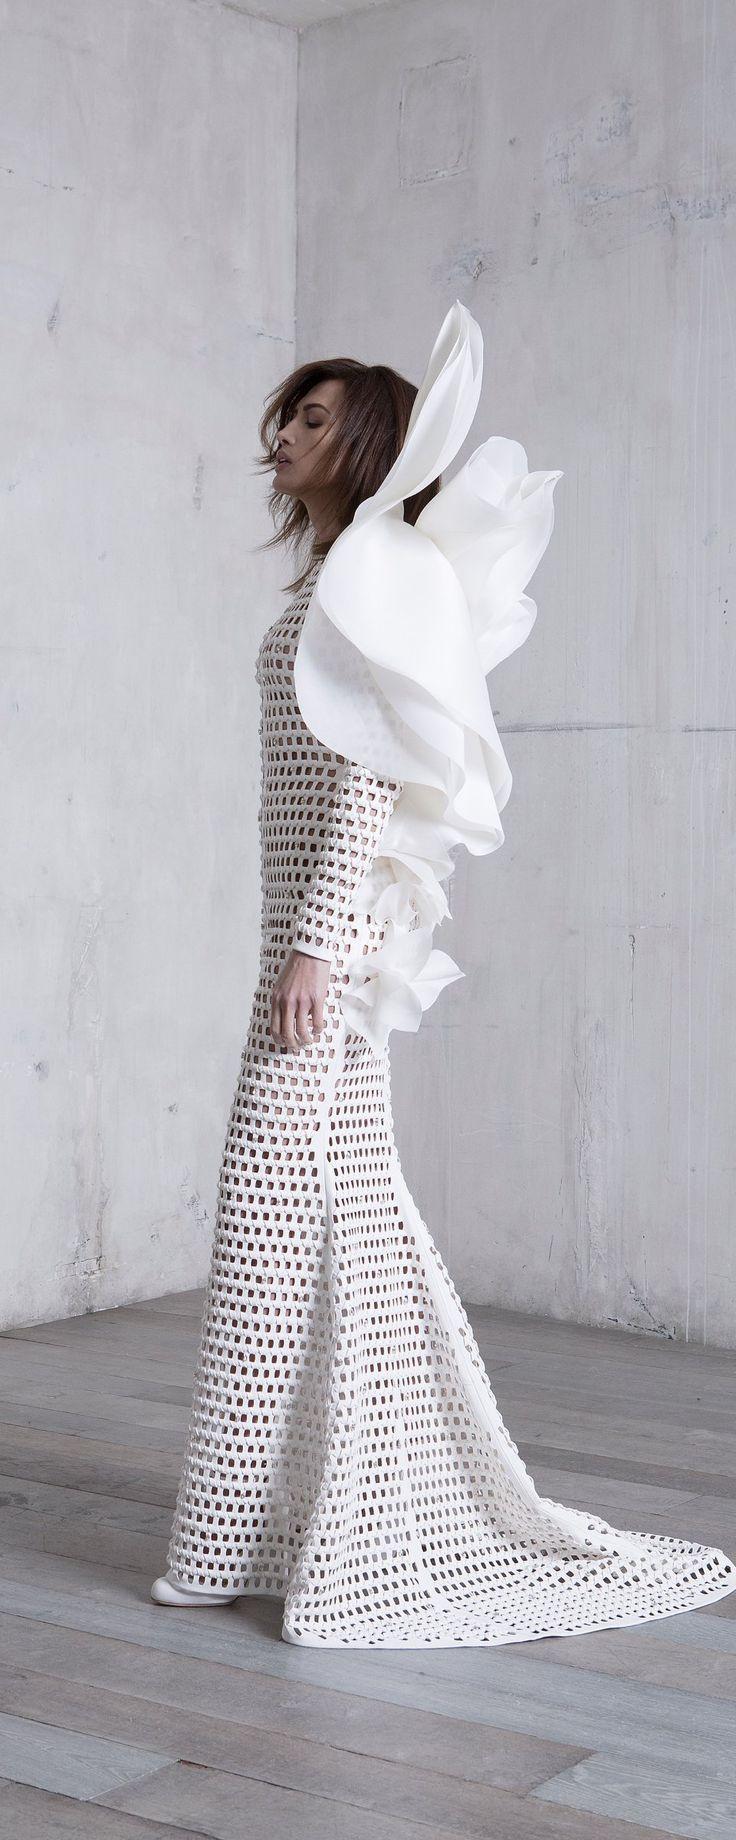 Stéphane Rolland Printemps-été 2017 - Haute couture - Robe pull en cuir natté et sculptures de gazar blanc - http://fr.orientpalms.com/Stephane-Rolland-6543